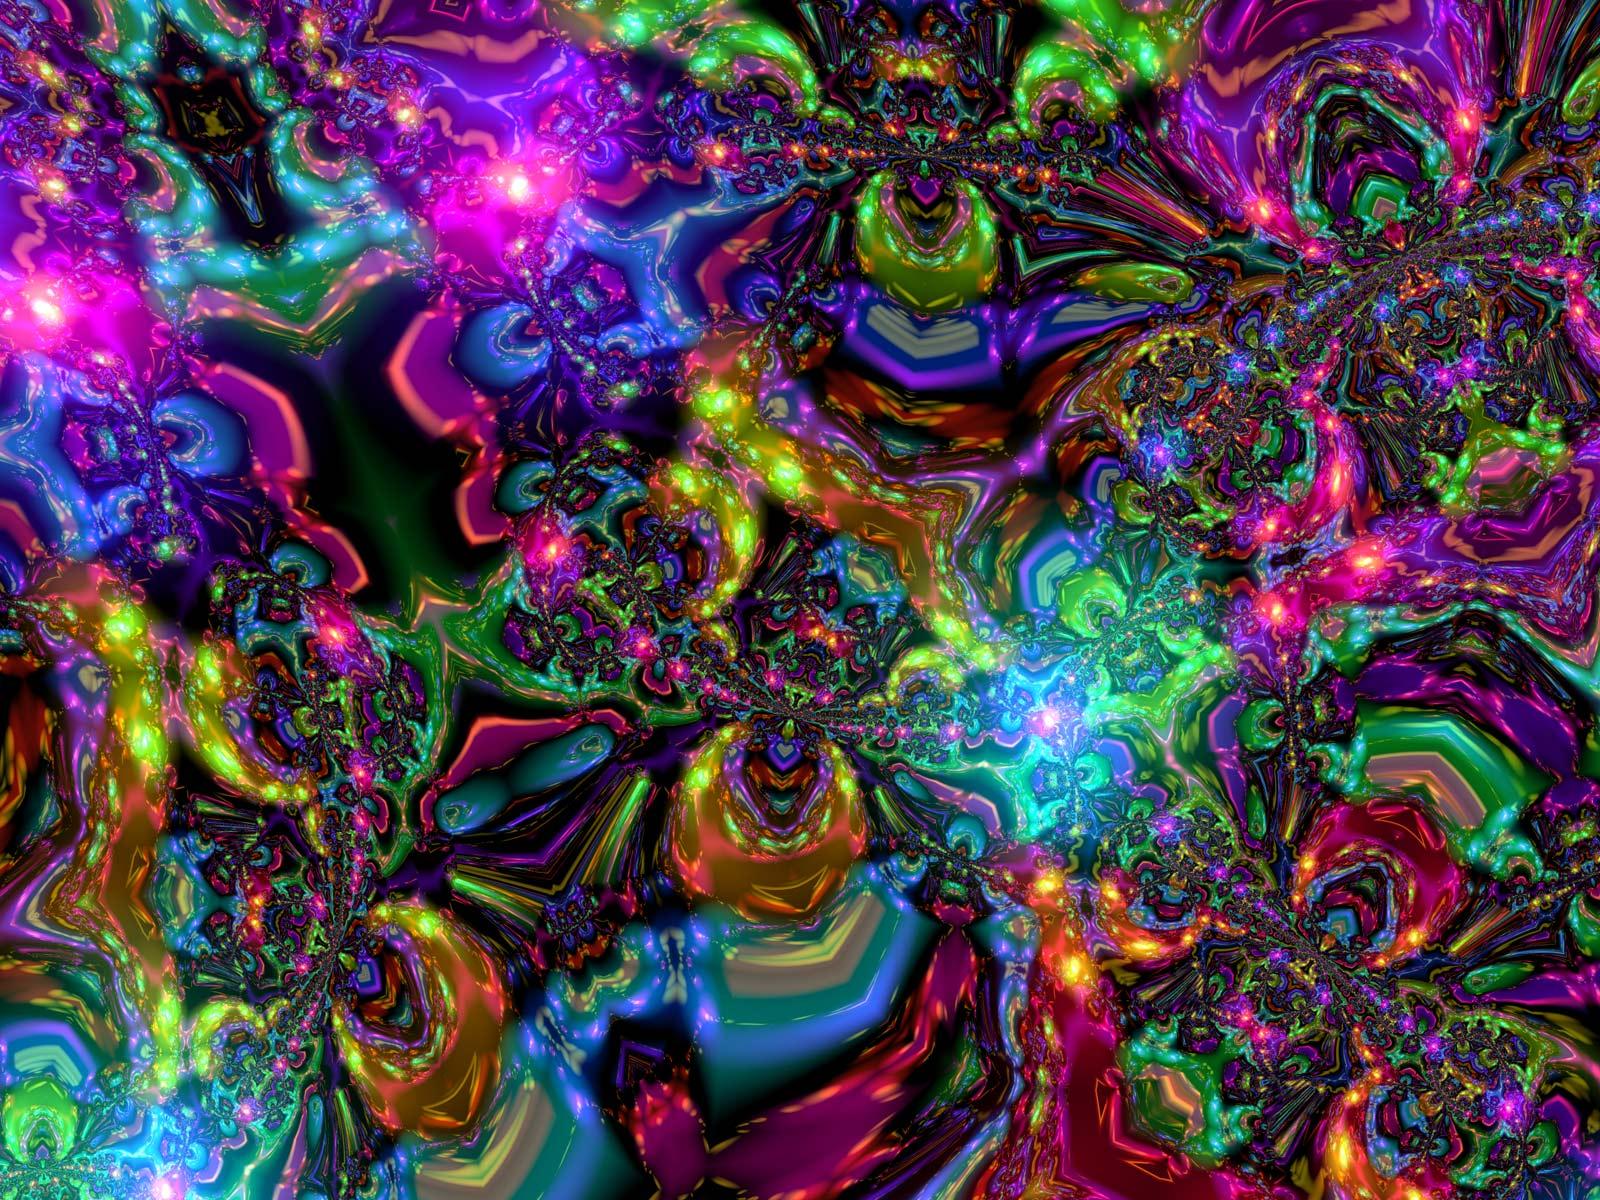 Download Fractal Wallpapers wallpaper crazy fractals wallpaper 1600x1200